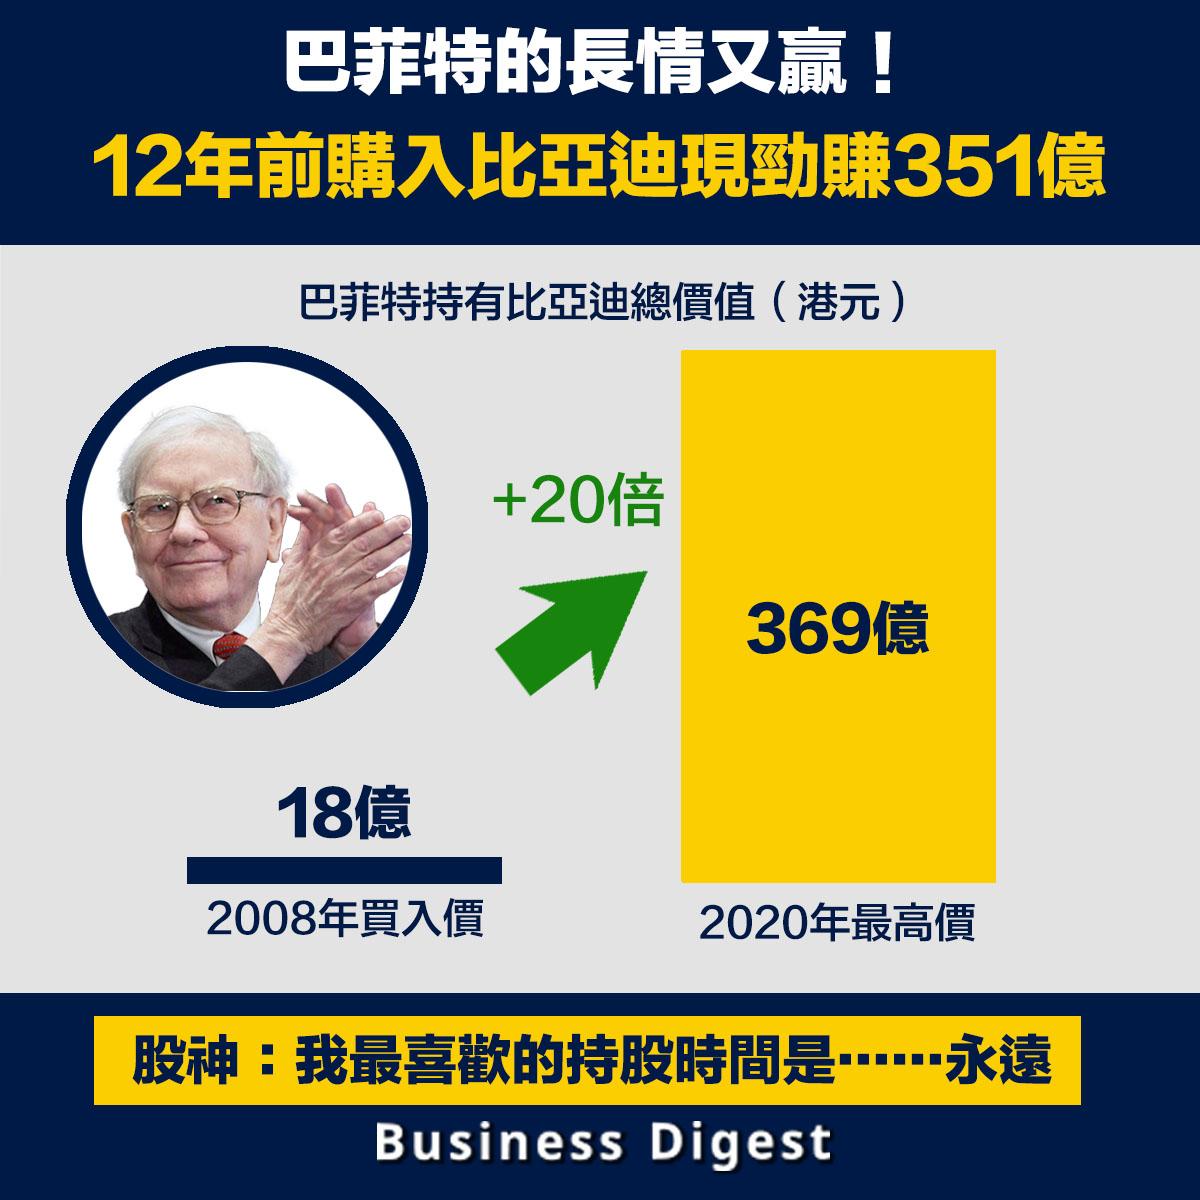 以本週最高價計,12年來比亞迪累計上升19.5倍,巴菲特勁賺約351億元